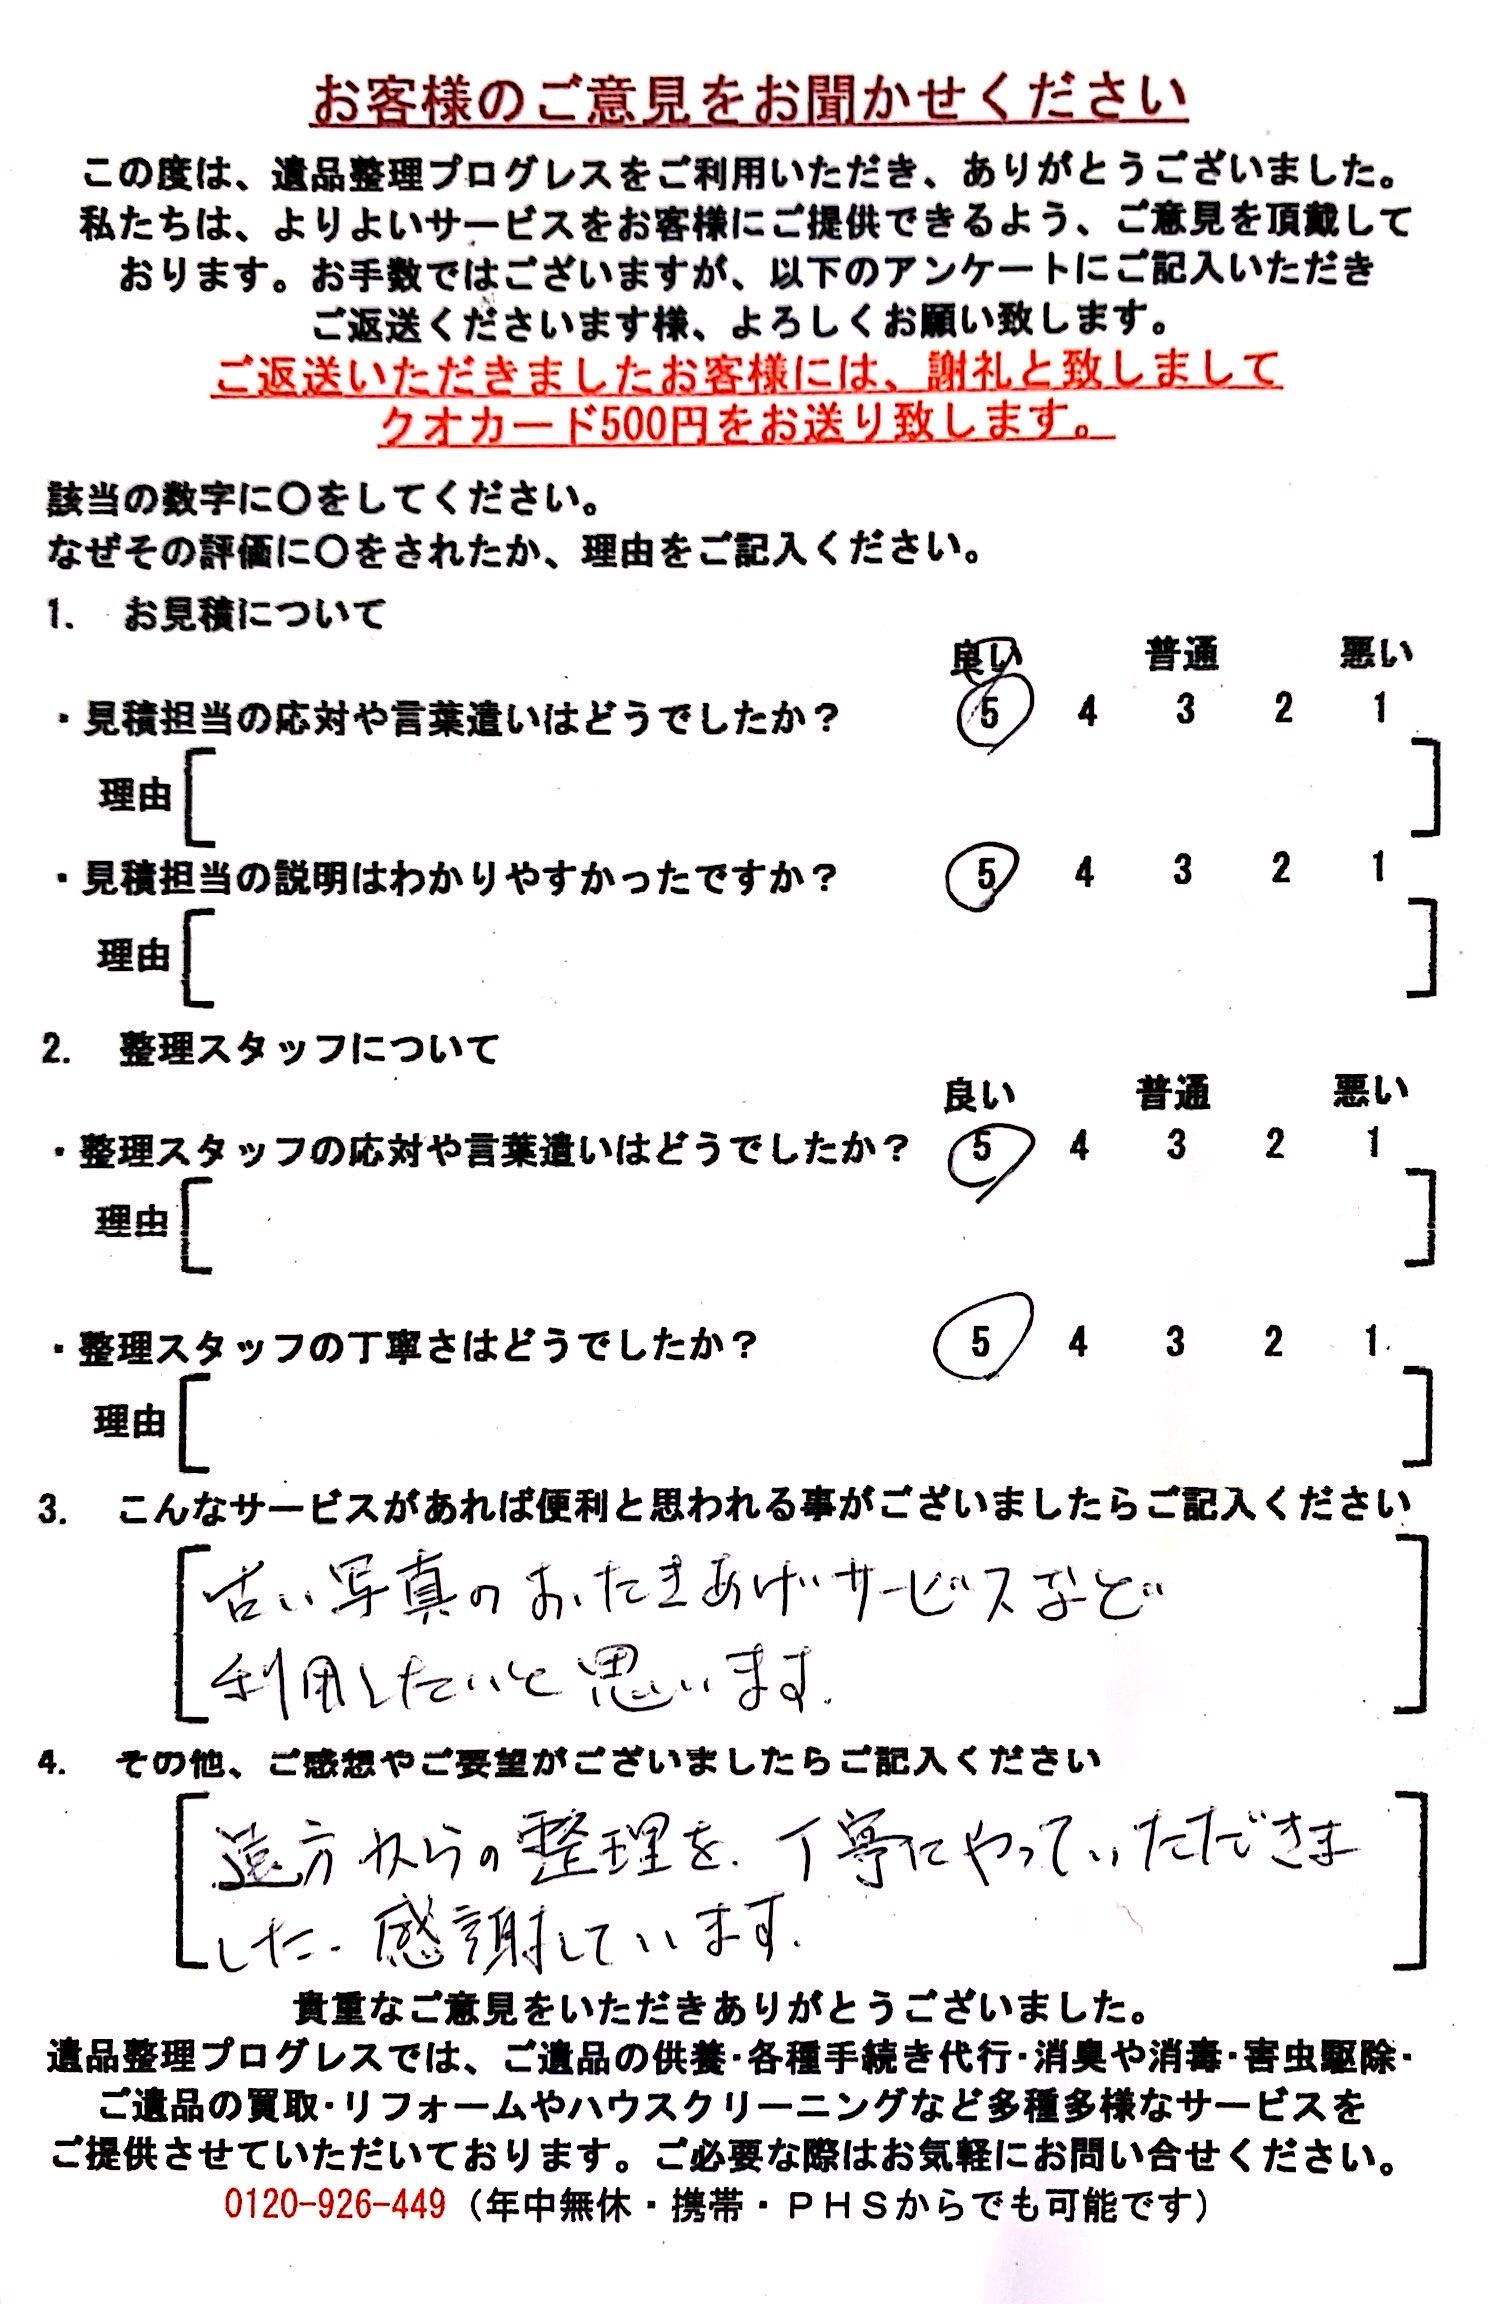 S・M様 東京都墨田区のアンケート用紙